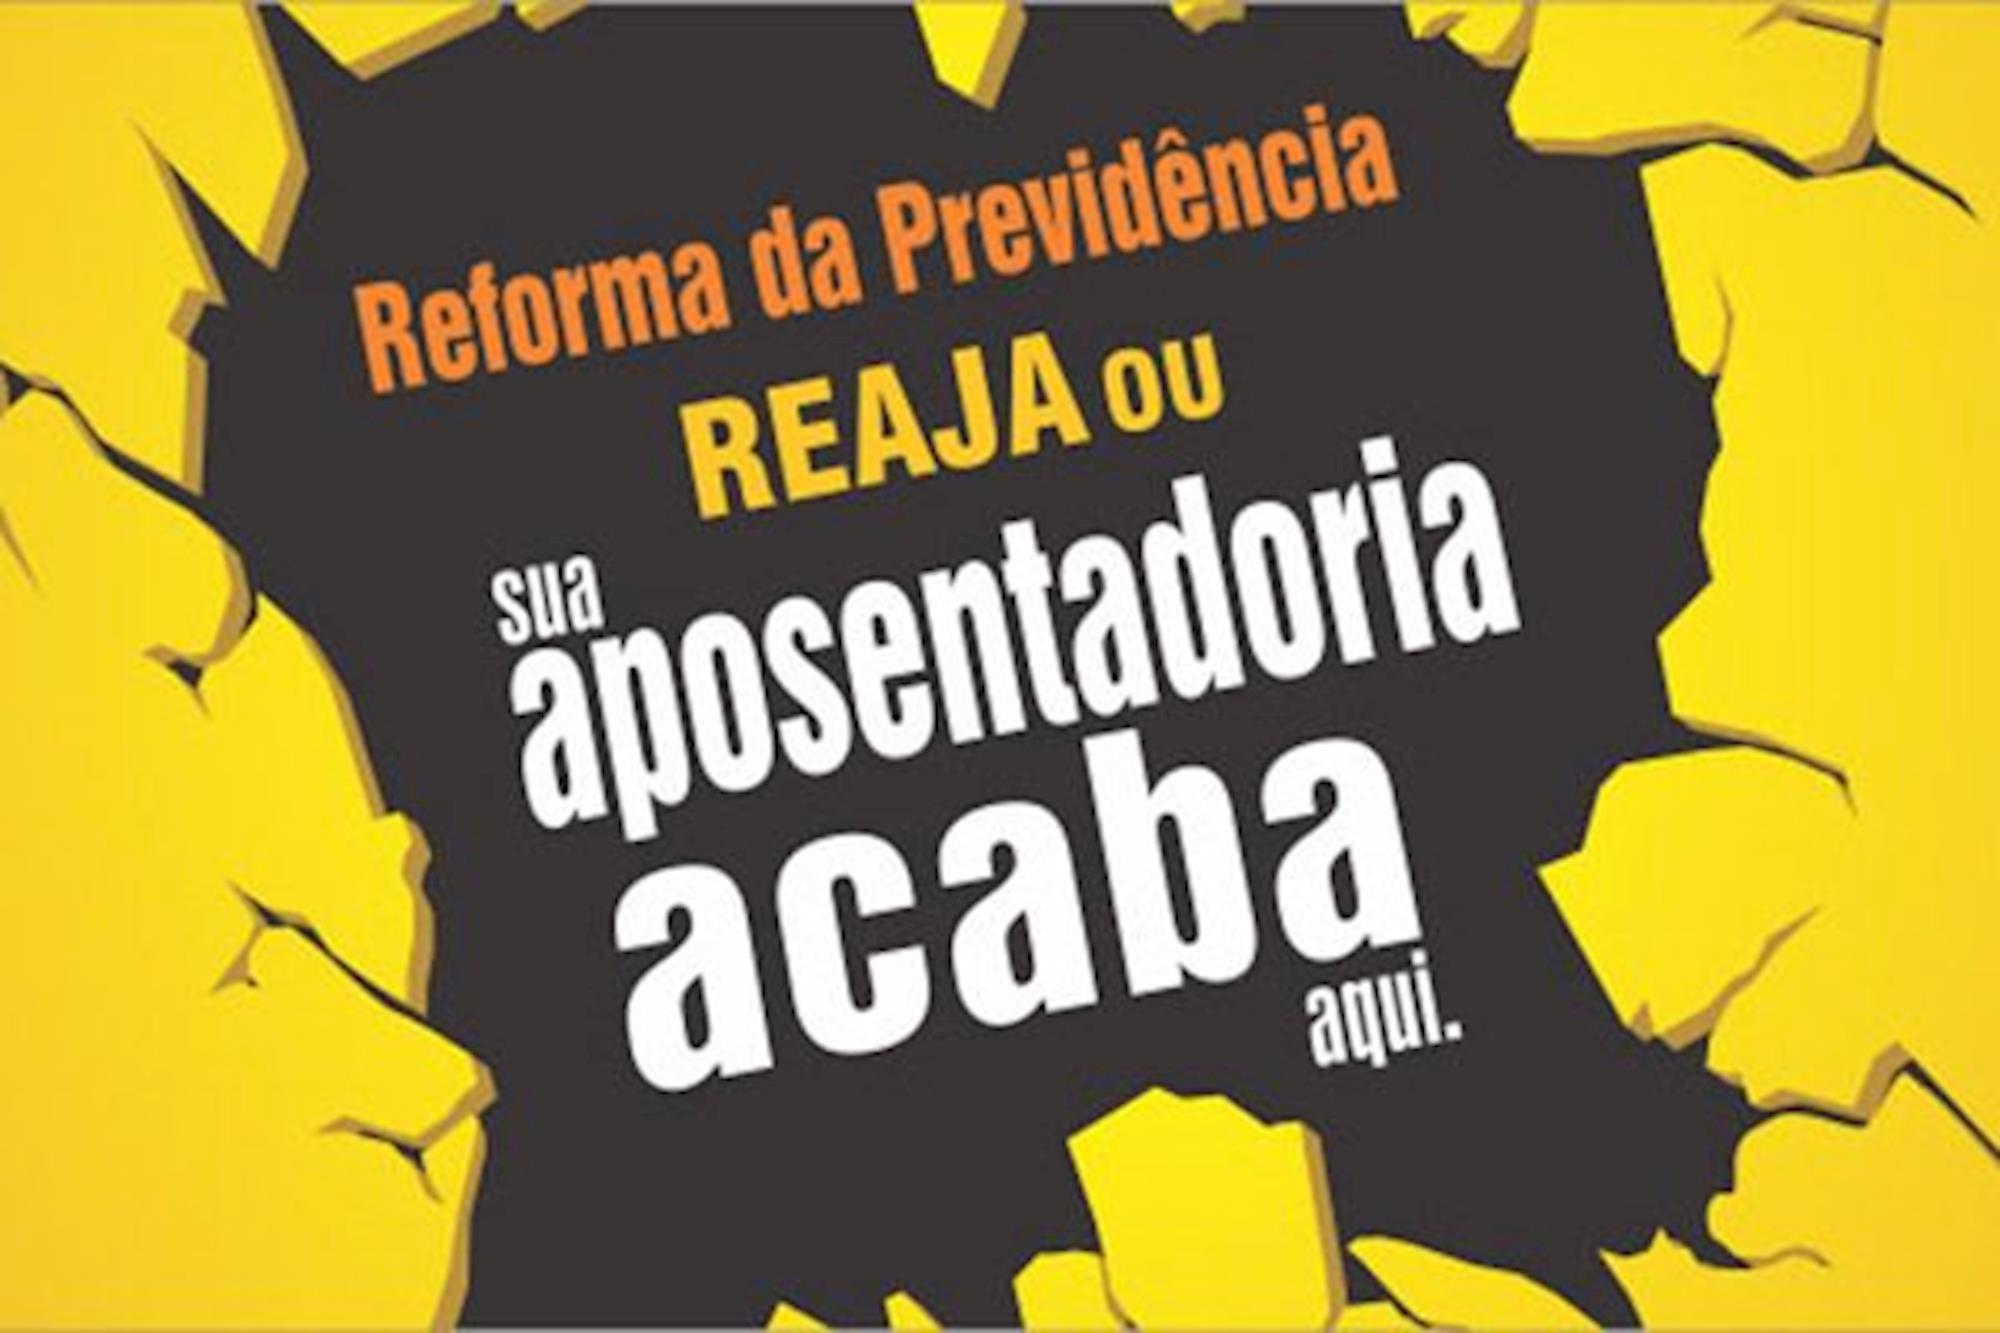 reforma, da previdencia, Reprodução CNM/CUT